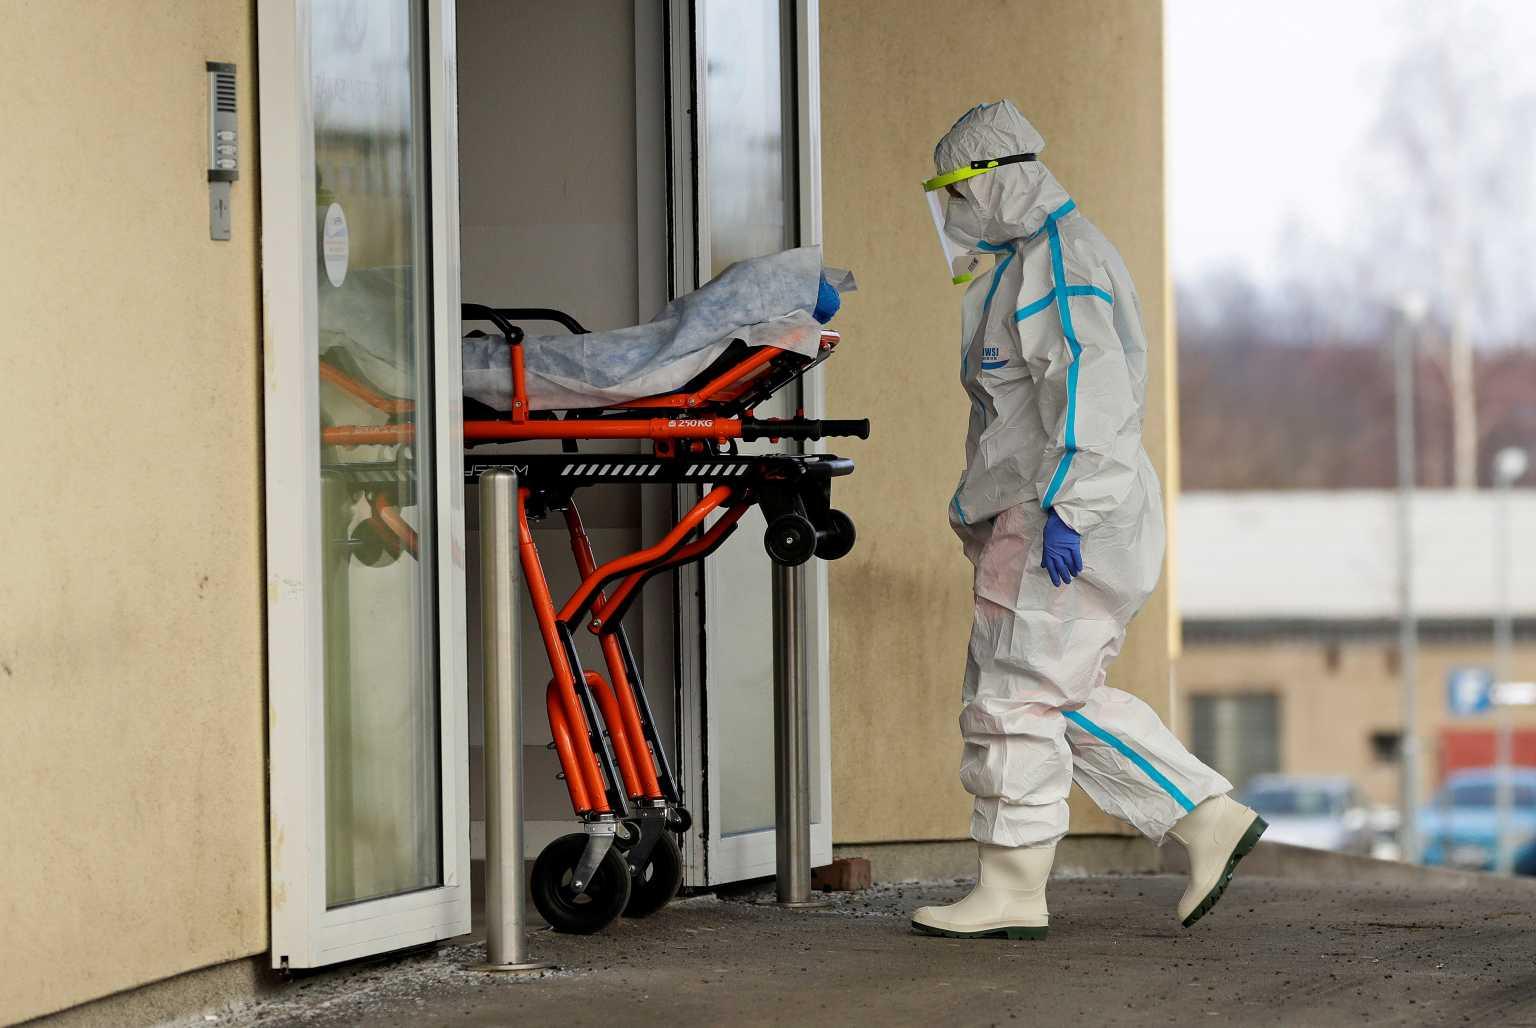 Ασύλληπτη οικογενειακή τραγωδία: Ήταν σε καραντίνα στο υπόγειο και πέθαναν – Τους βρήκε η 11χρονη κόρη τους (pics, vid)